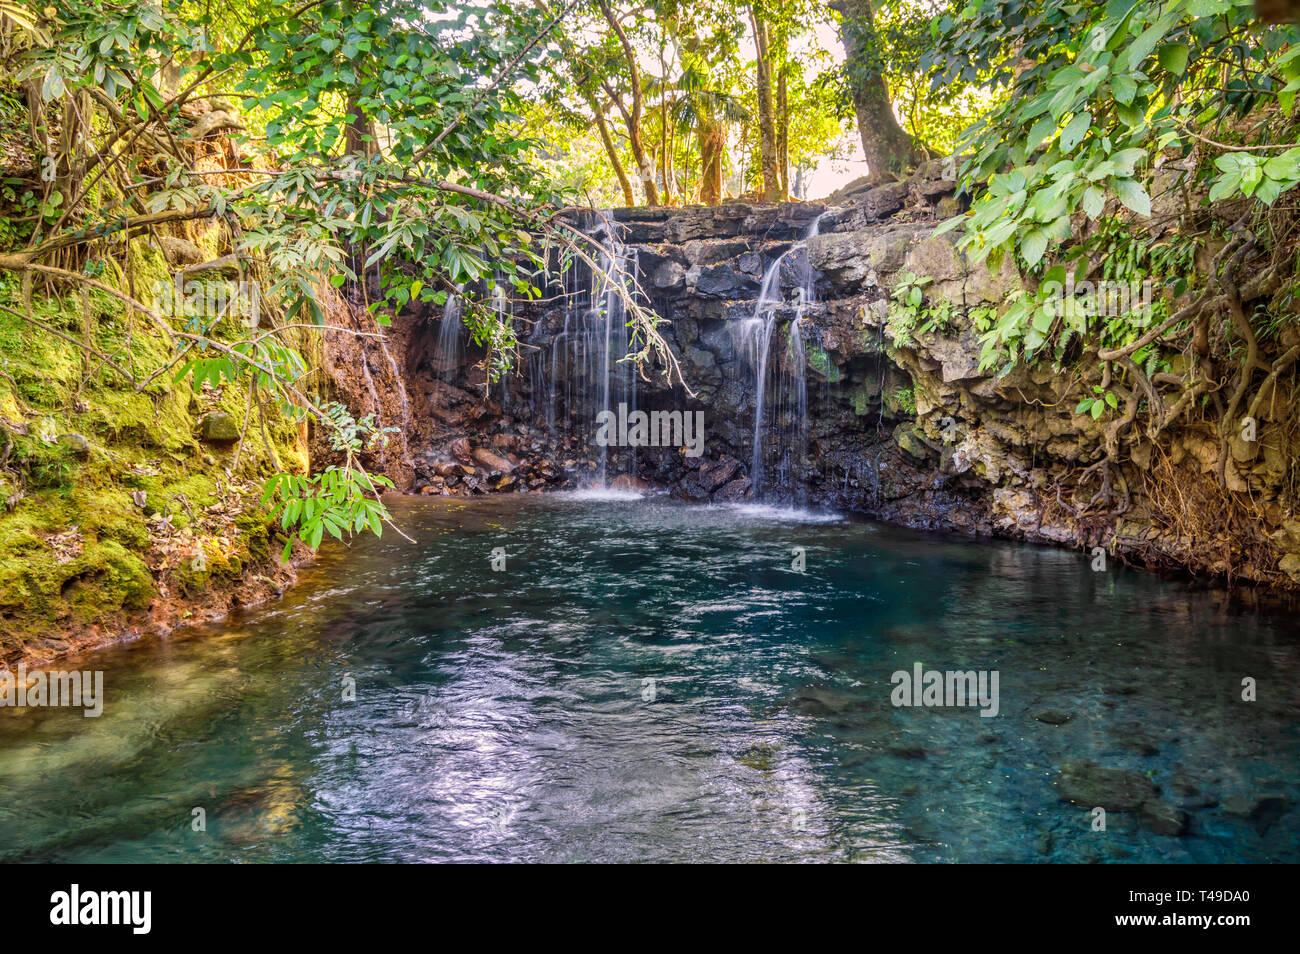 Cascadas Gemelas, Veracruz, Mexico - Stock Image